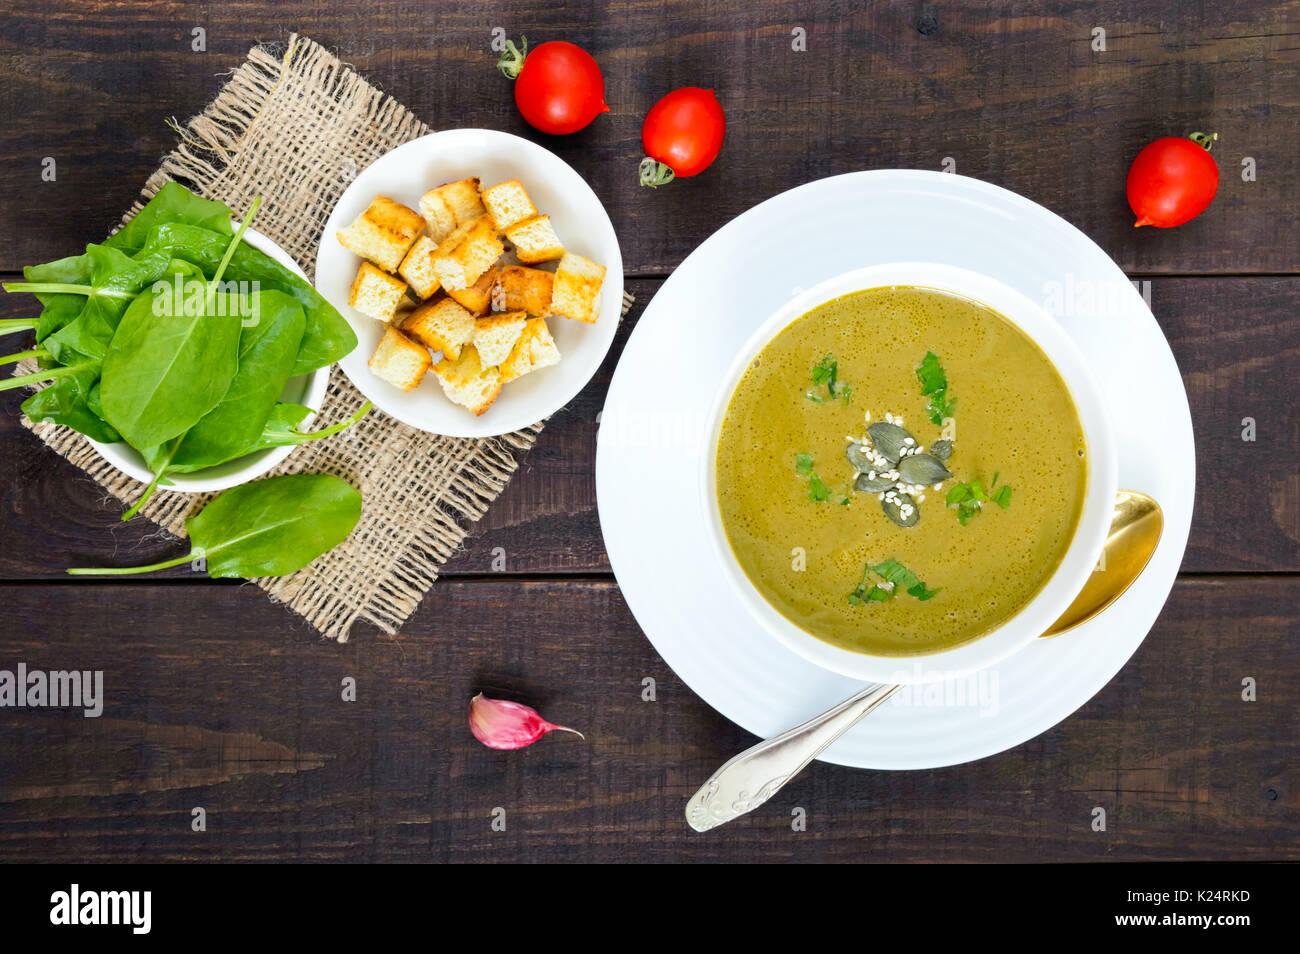 Crema di verdure minestra con spinaci e patate in una ciotola bianco con aglio crostini su legno scuro dello sfondo. Foto Stock